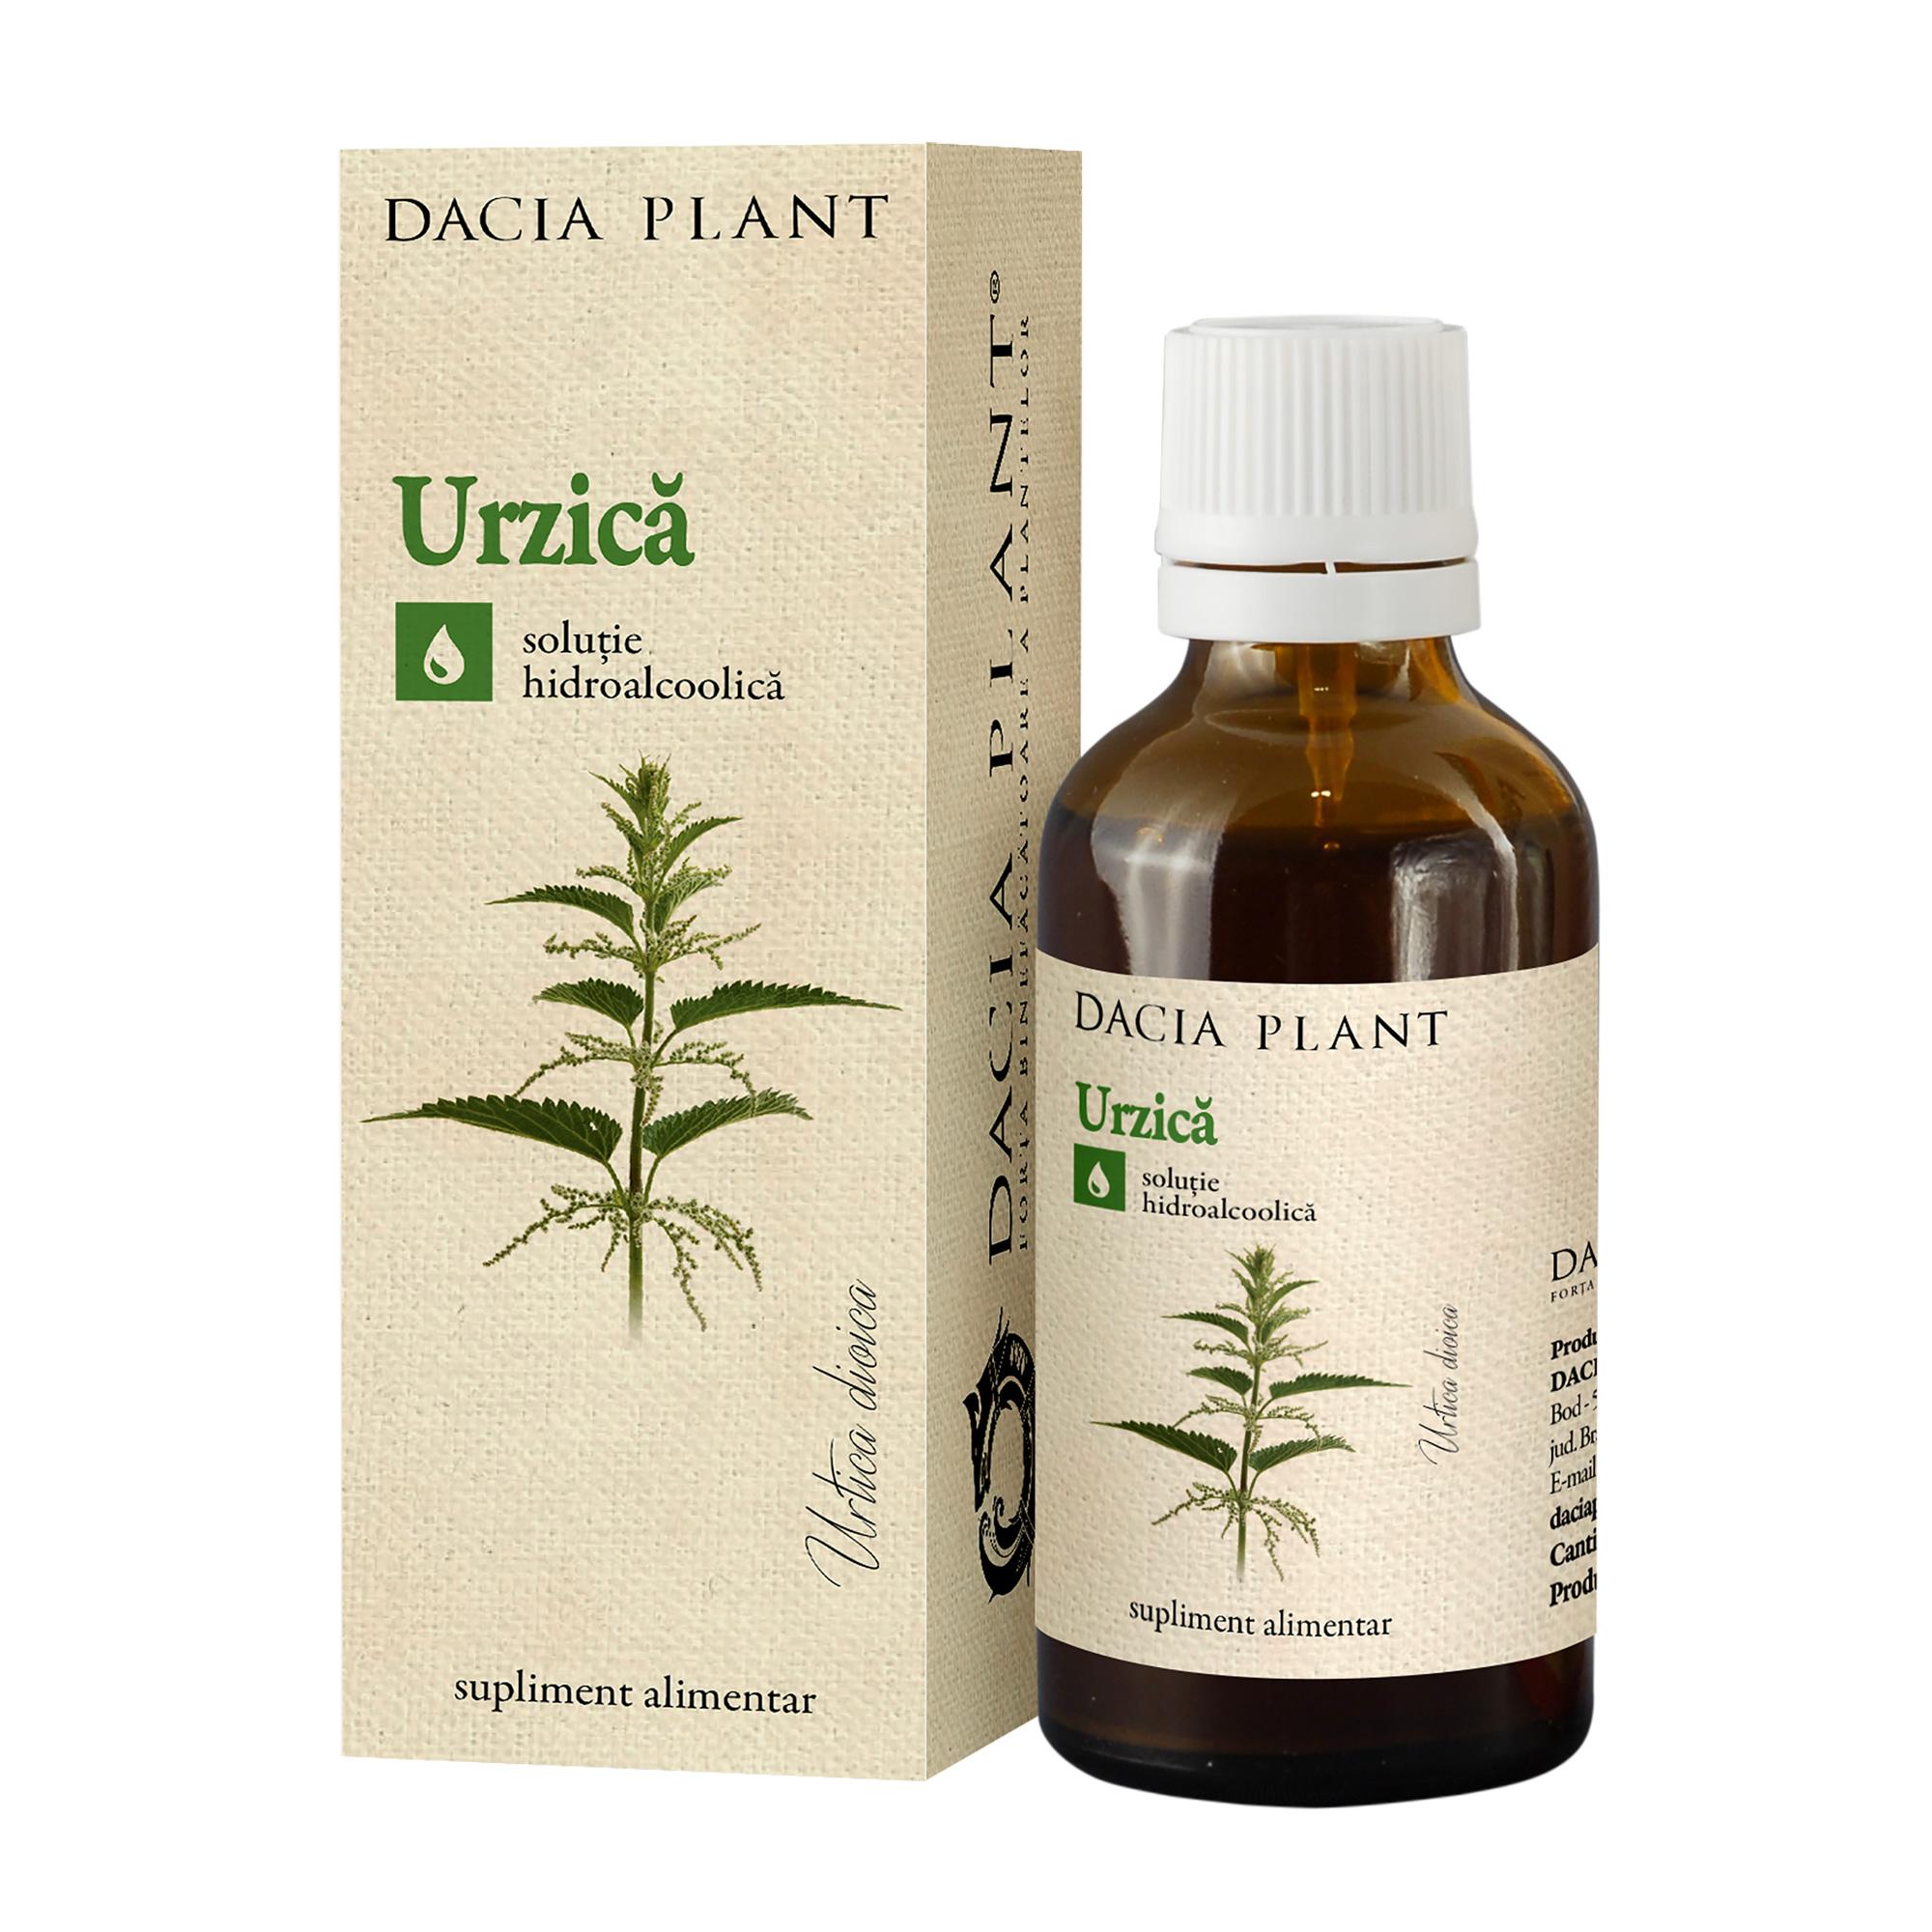 Ceai Rădăcină de Urzică vie U95, 50 g, Fares : Farmacia Tei